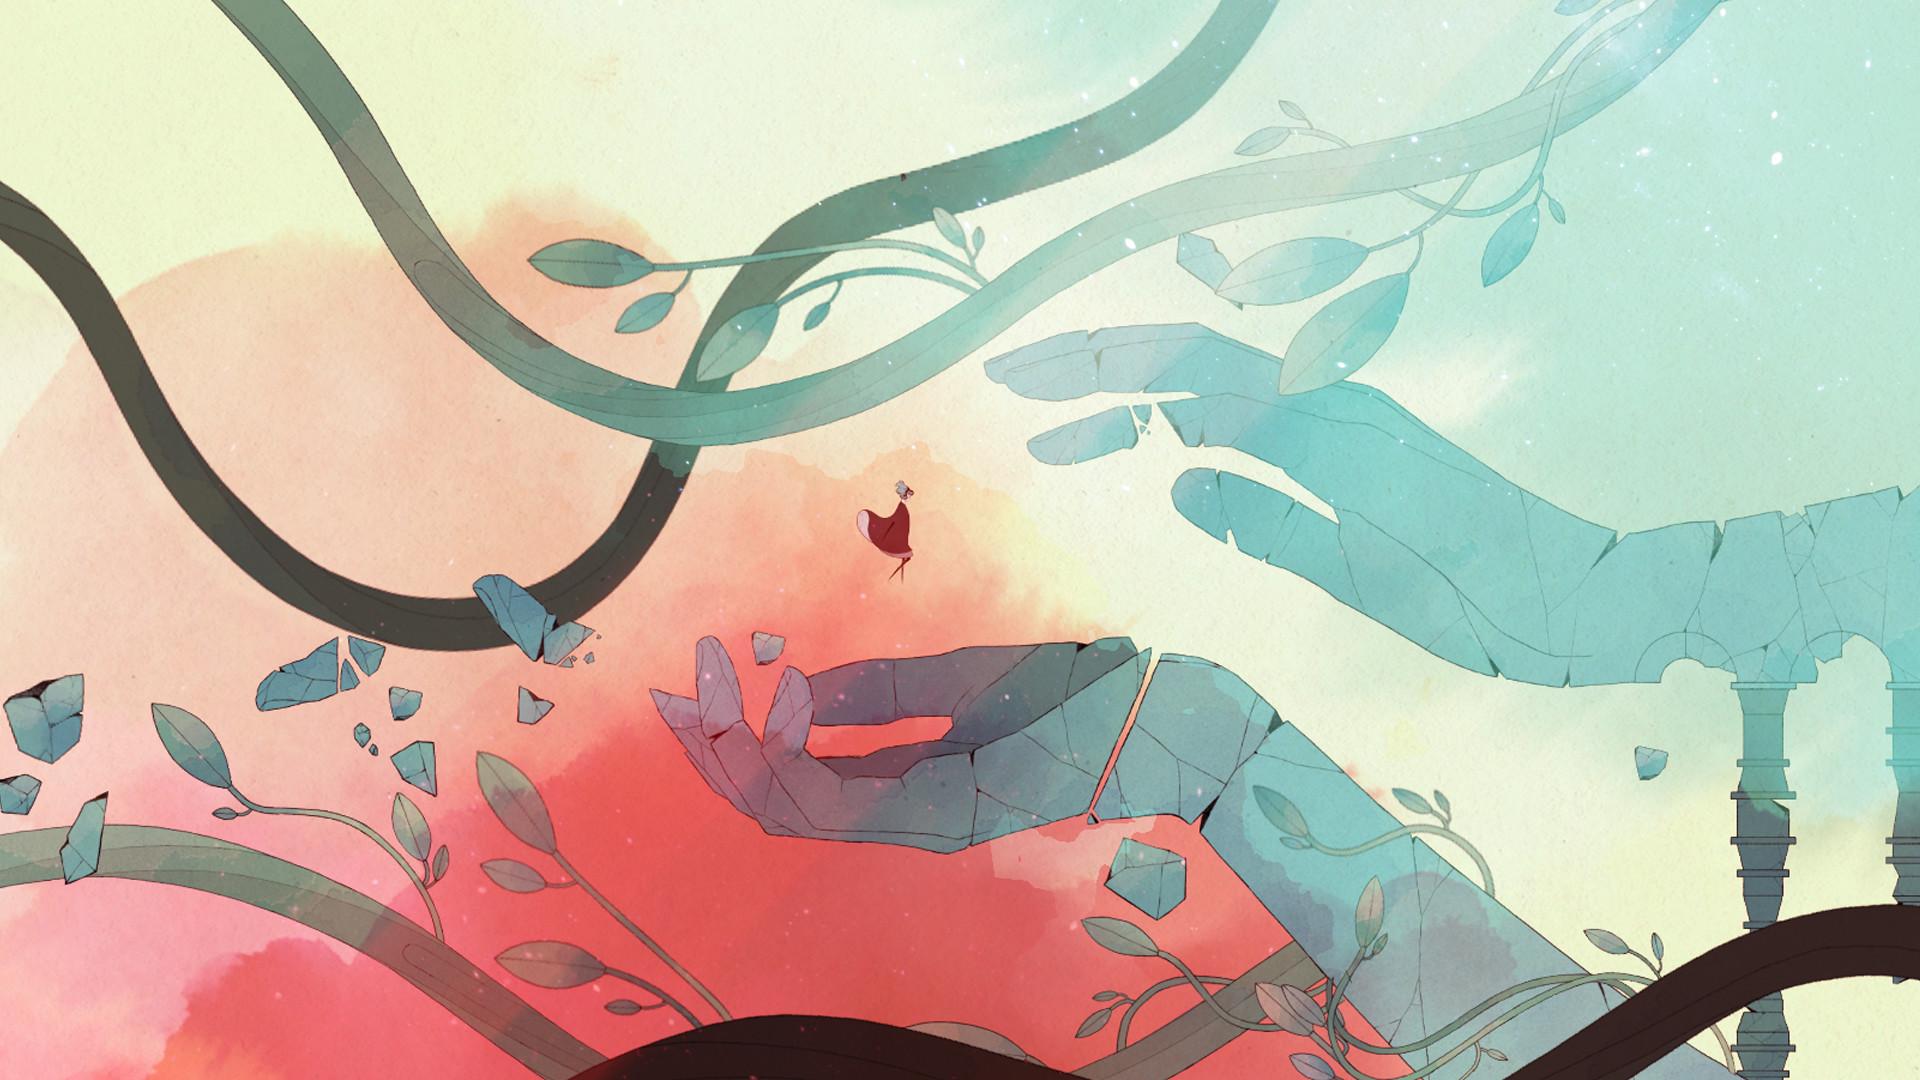 唯美风横版冒险《Gris》8月22日登陆iOS平台图片7